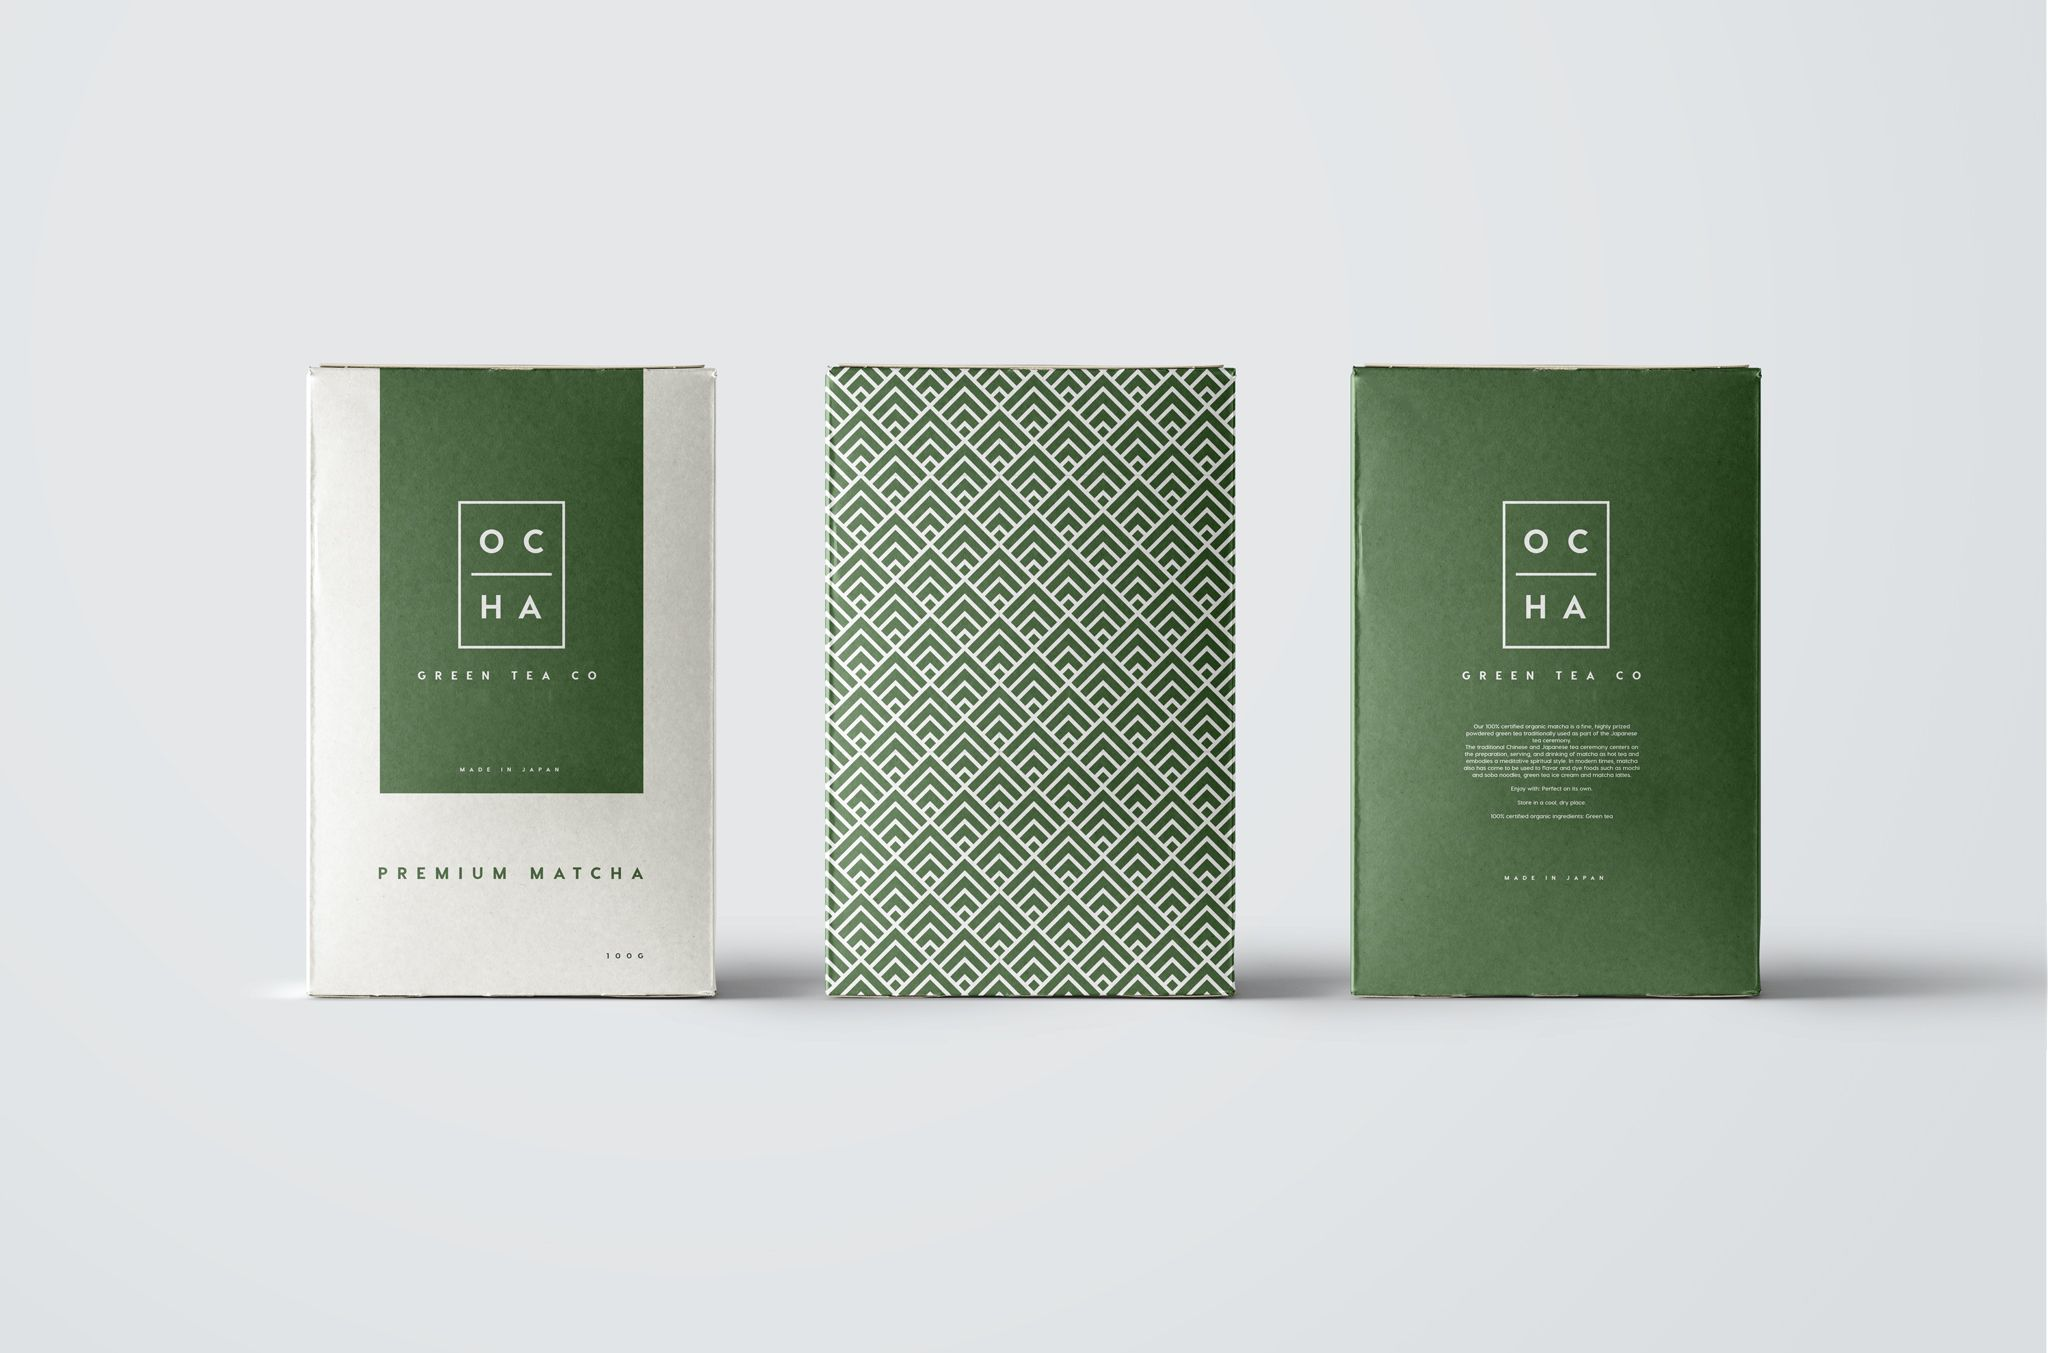 Sarah Ashlyn Graphic Design Designer From Melbourne Australia Tea Packaging Design By Sarah Ashlyn Tea Packaging Design Branding Design Packaging Design